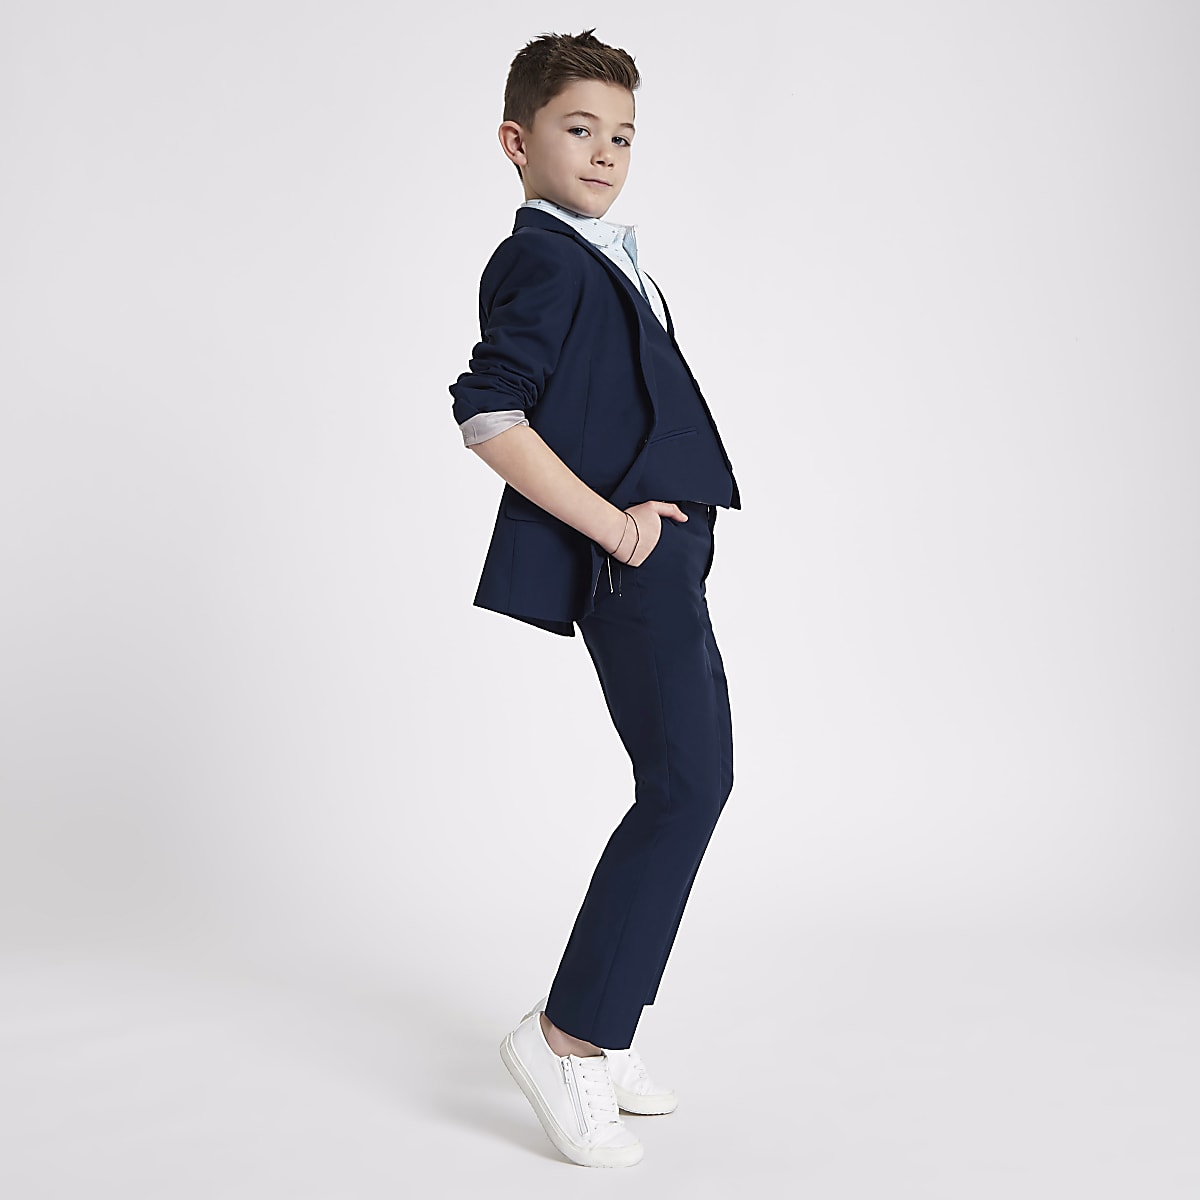 Boys navy suit pants